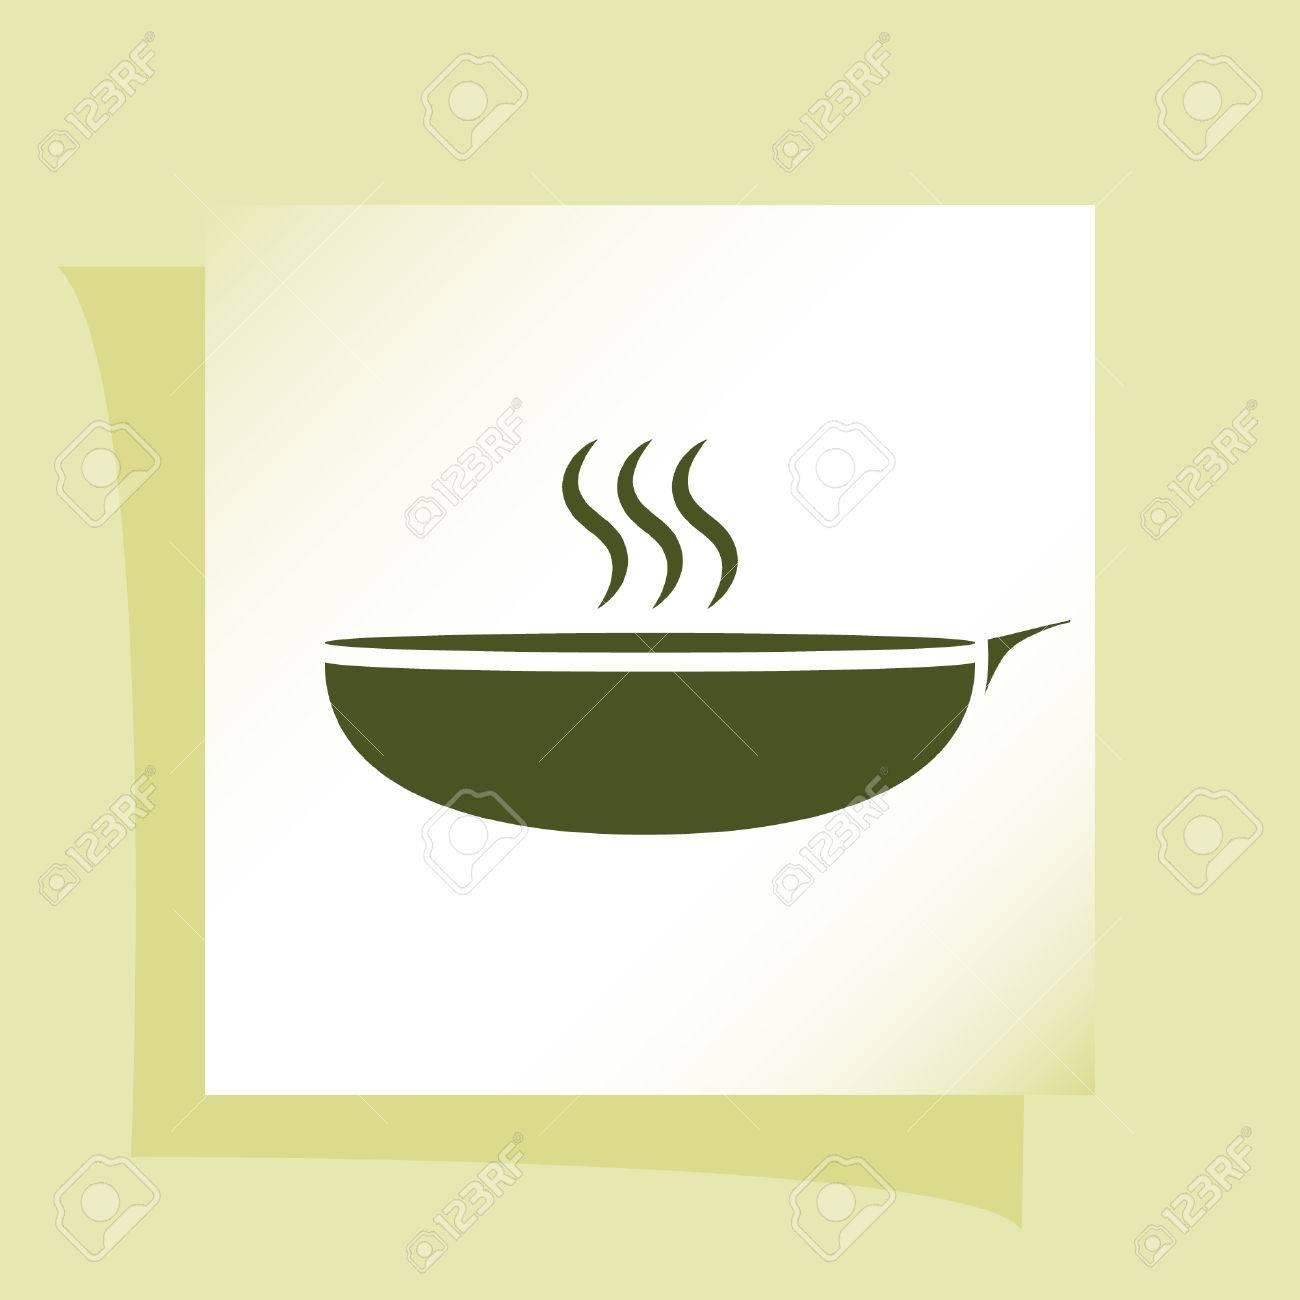 温かい食事適切なプレート ベクトル イラスト アイコンのイラスト素材